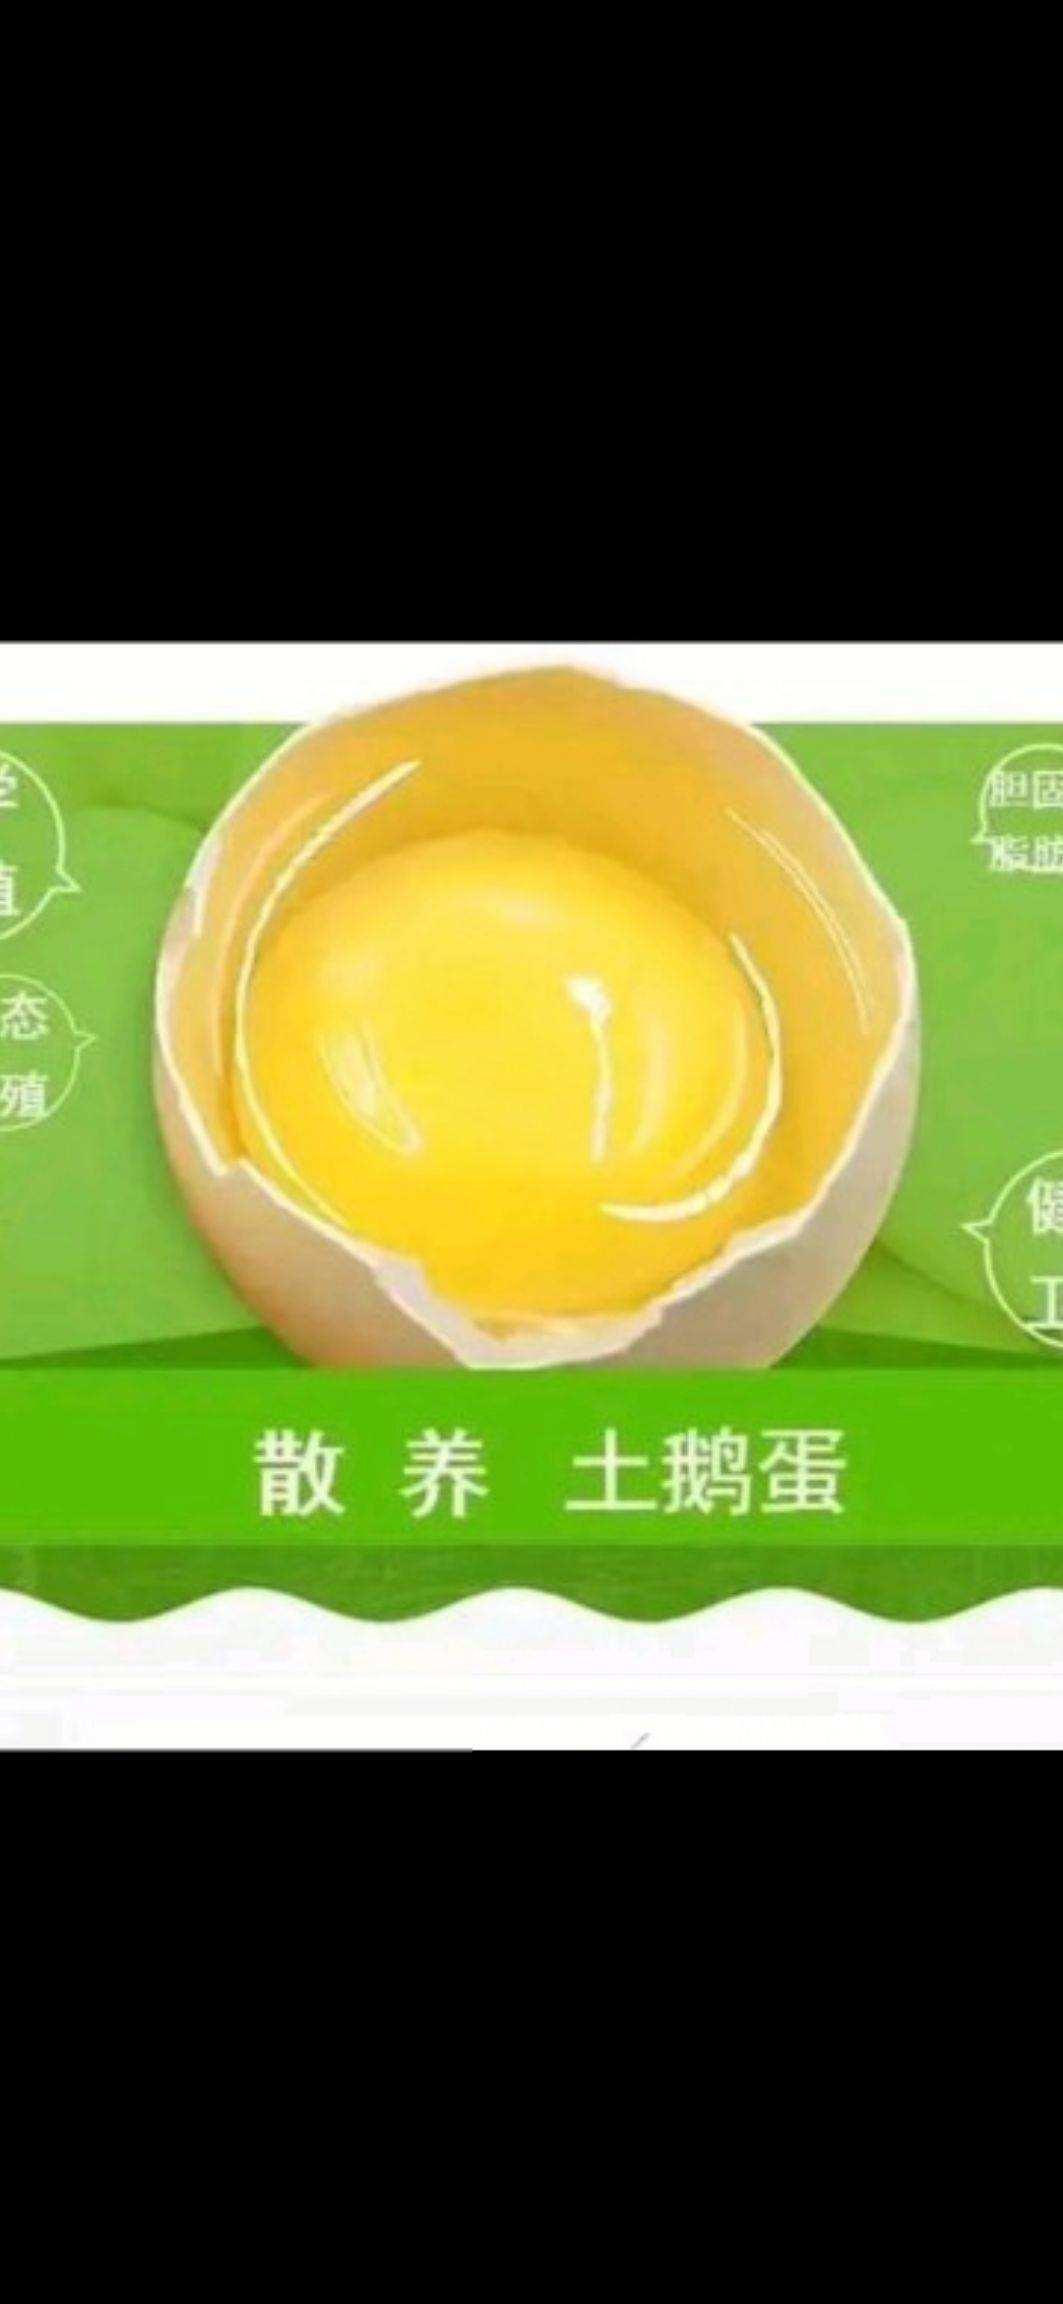 鹅蛋营养_鹅蛋的禁忌人群  第2张